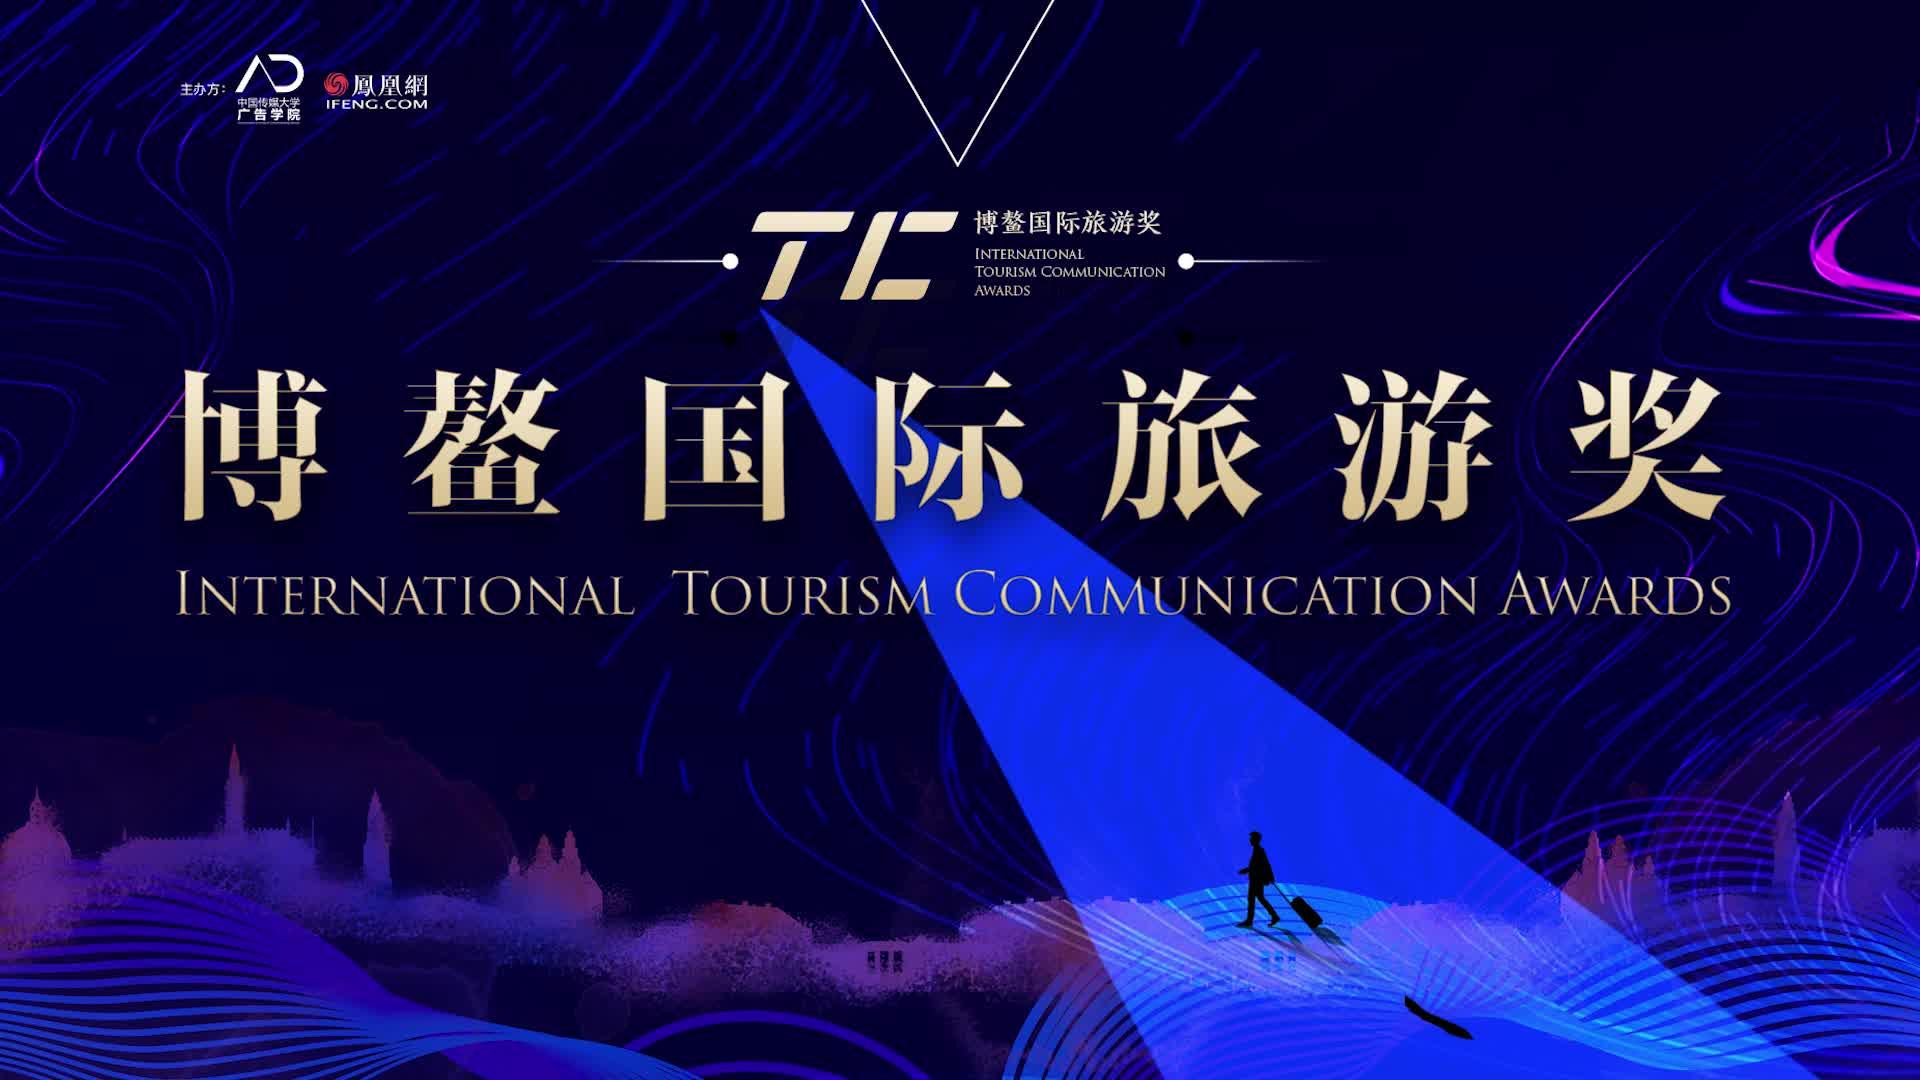 2020博鳌国际旅游奖,11月21日盛大揭晓!